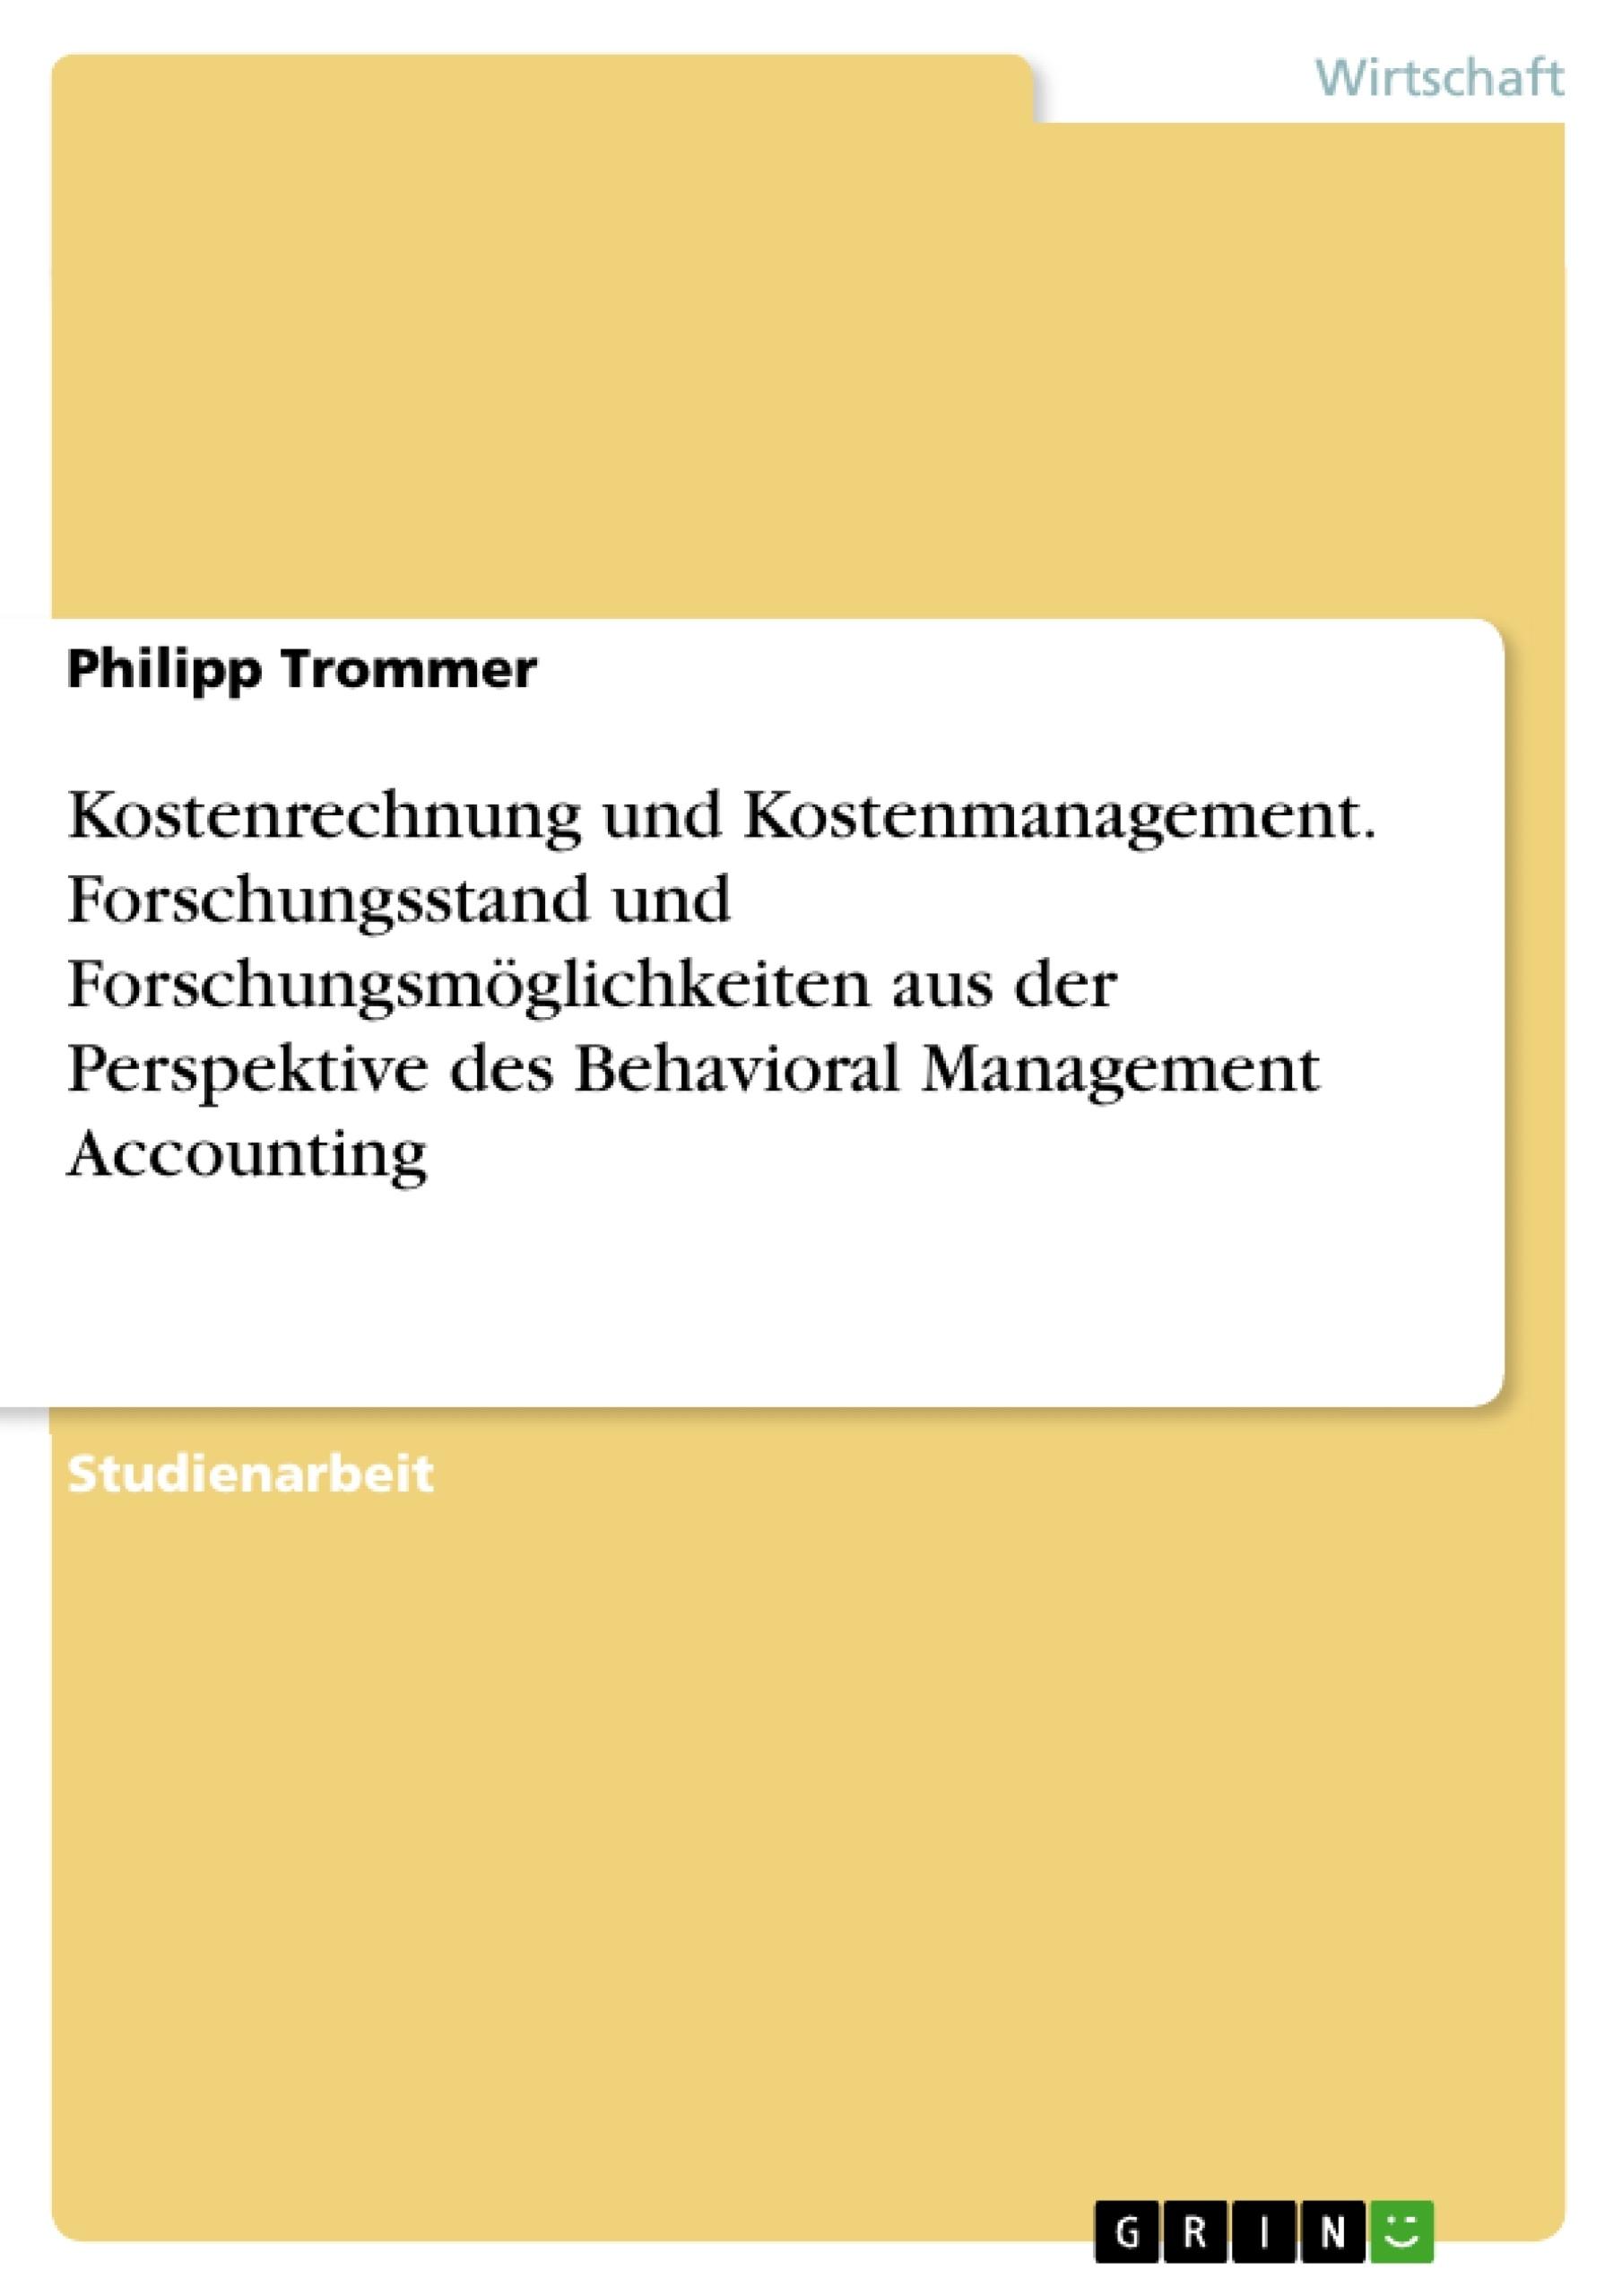 Titel: Kostenrechnung und Kostenmanagement. Forschungsstand und Forschungsmöglichkeiten aus der Perspektive des Behavioral Management Accounting